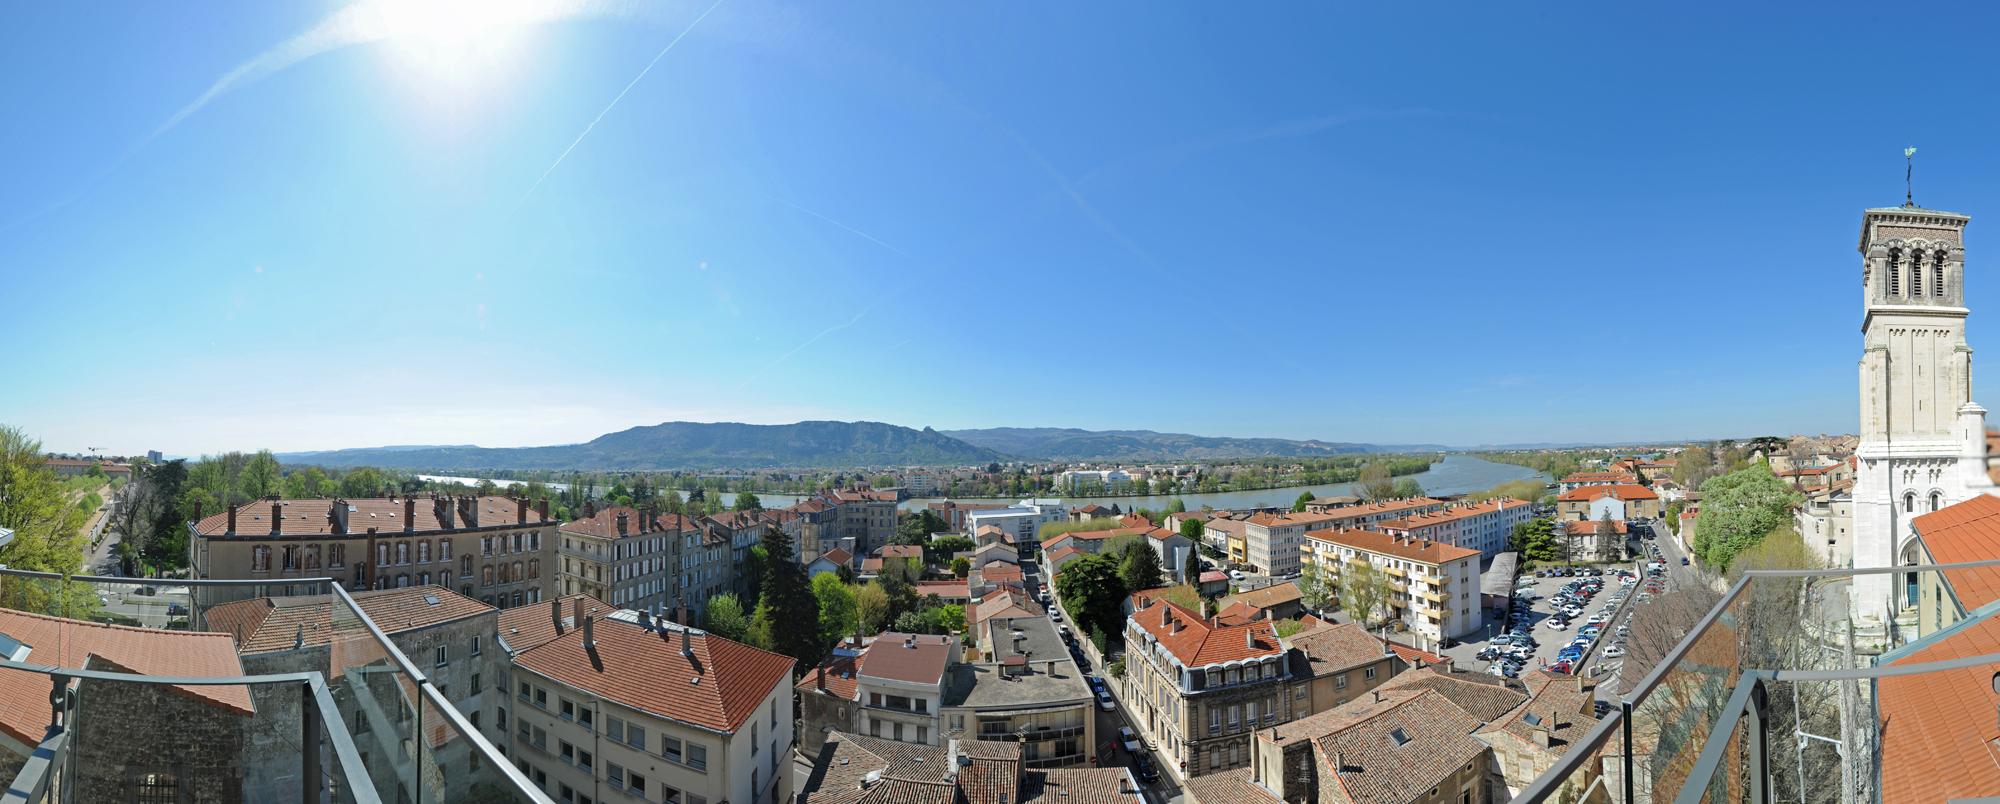 Panorama ©Musée de Valence, photo Eric Caillet.